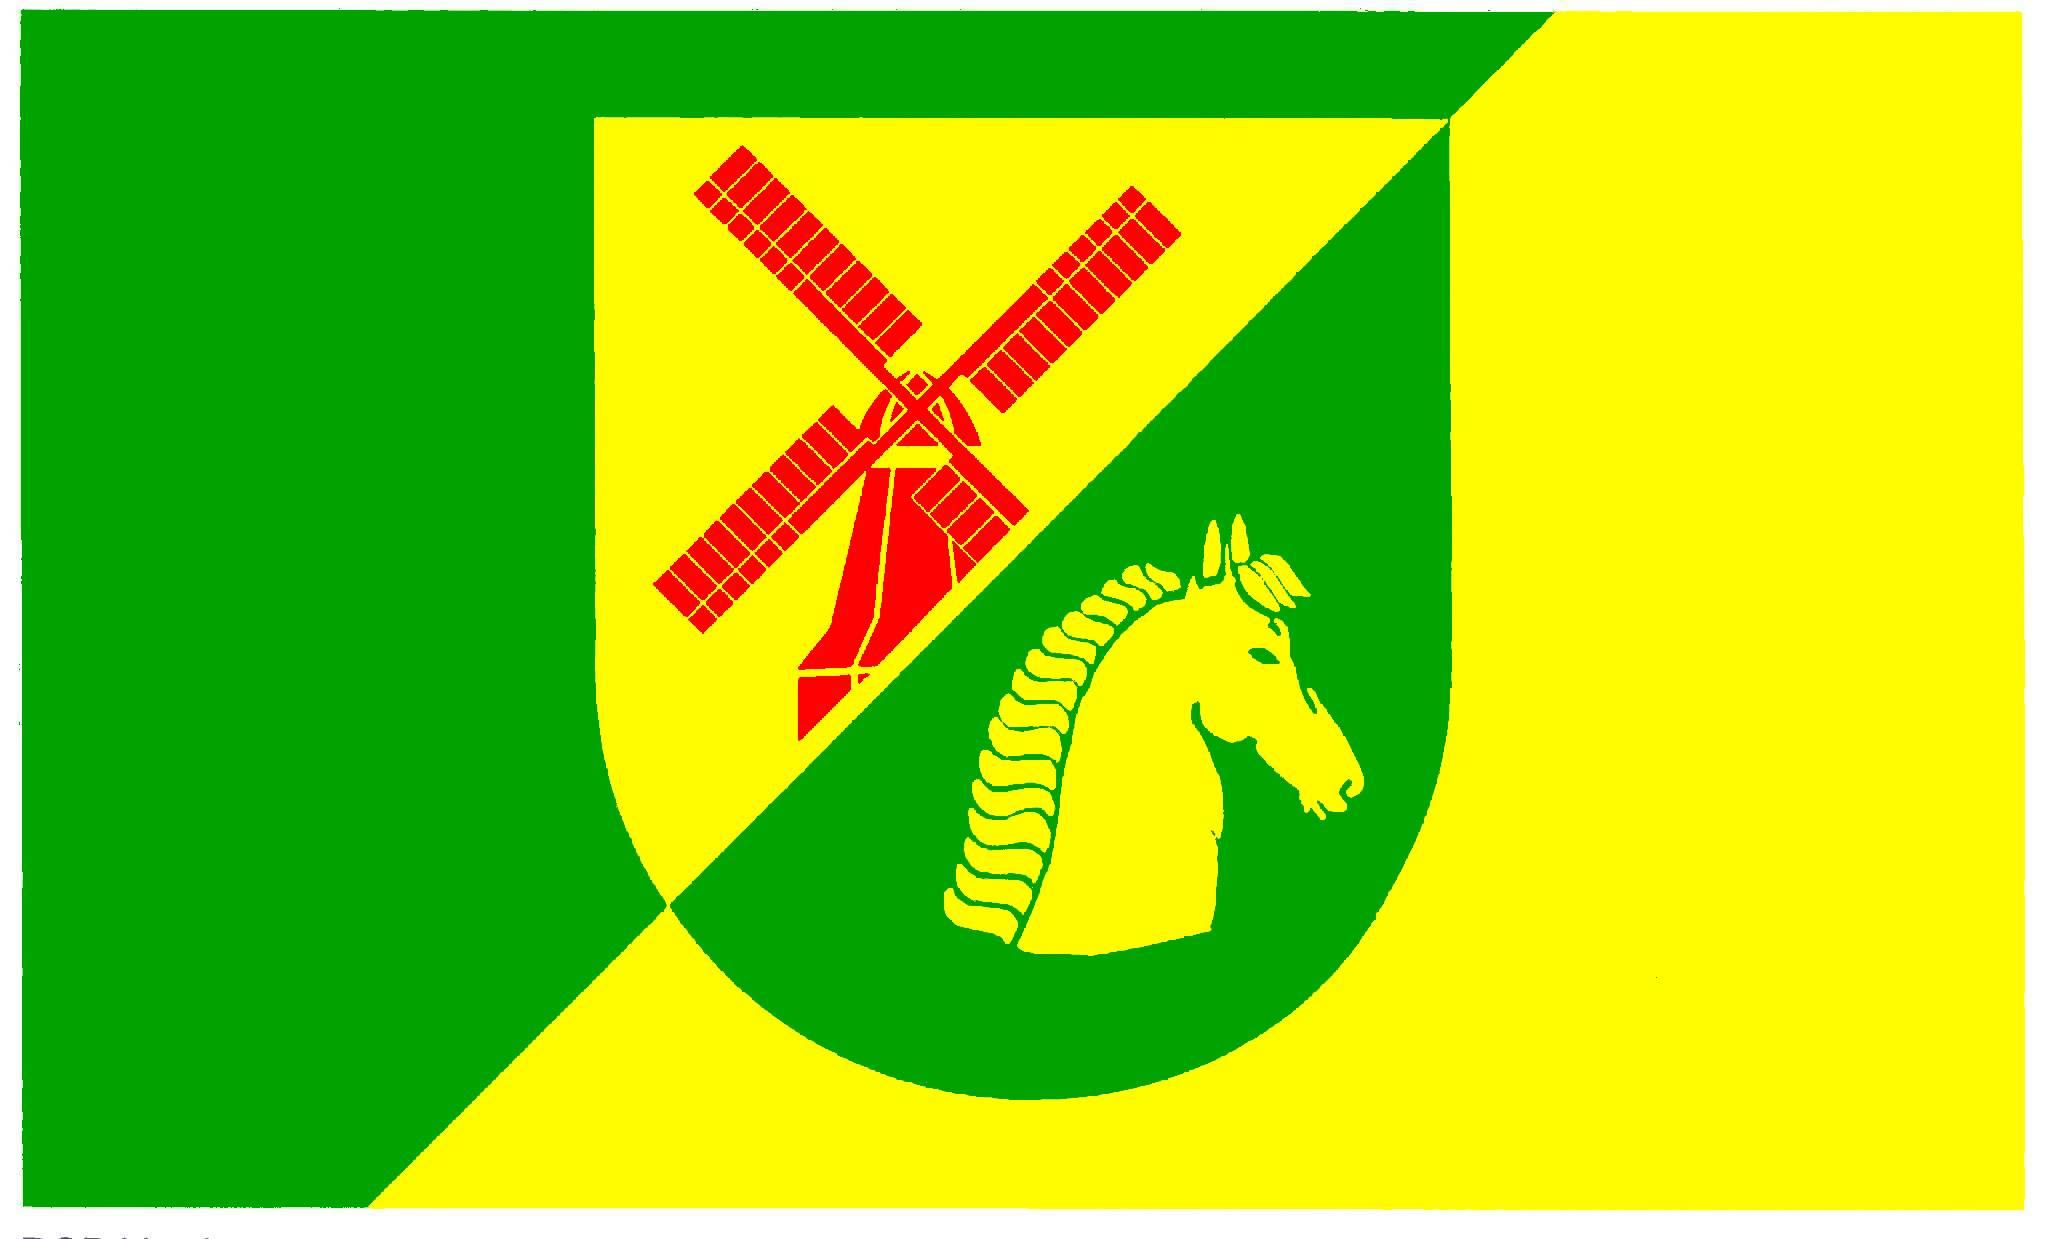 Flagge GemeindeHamwarde, Kreis Herzogtum Lauenburg